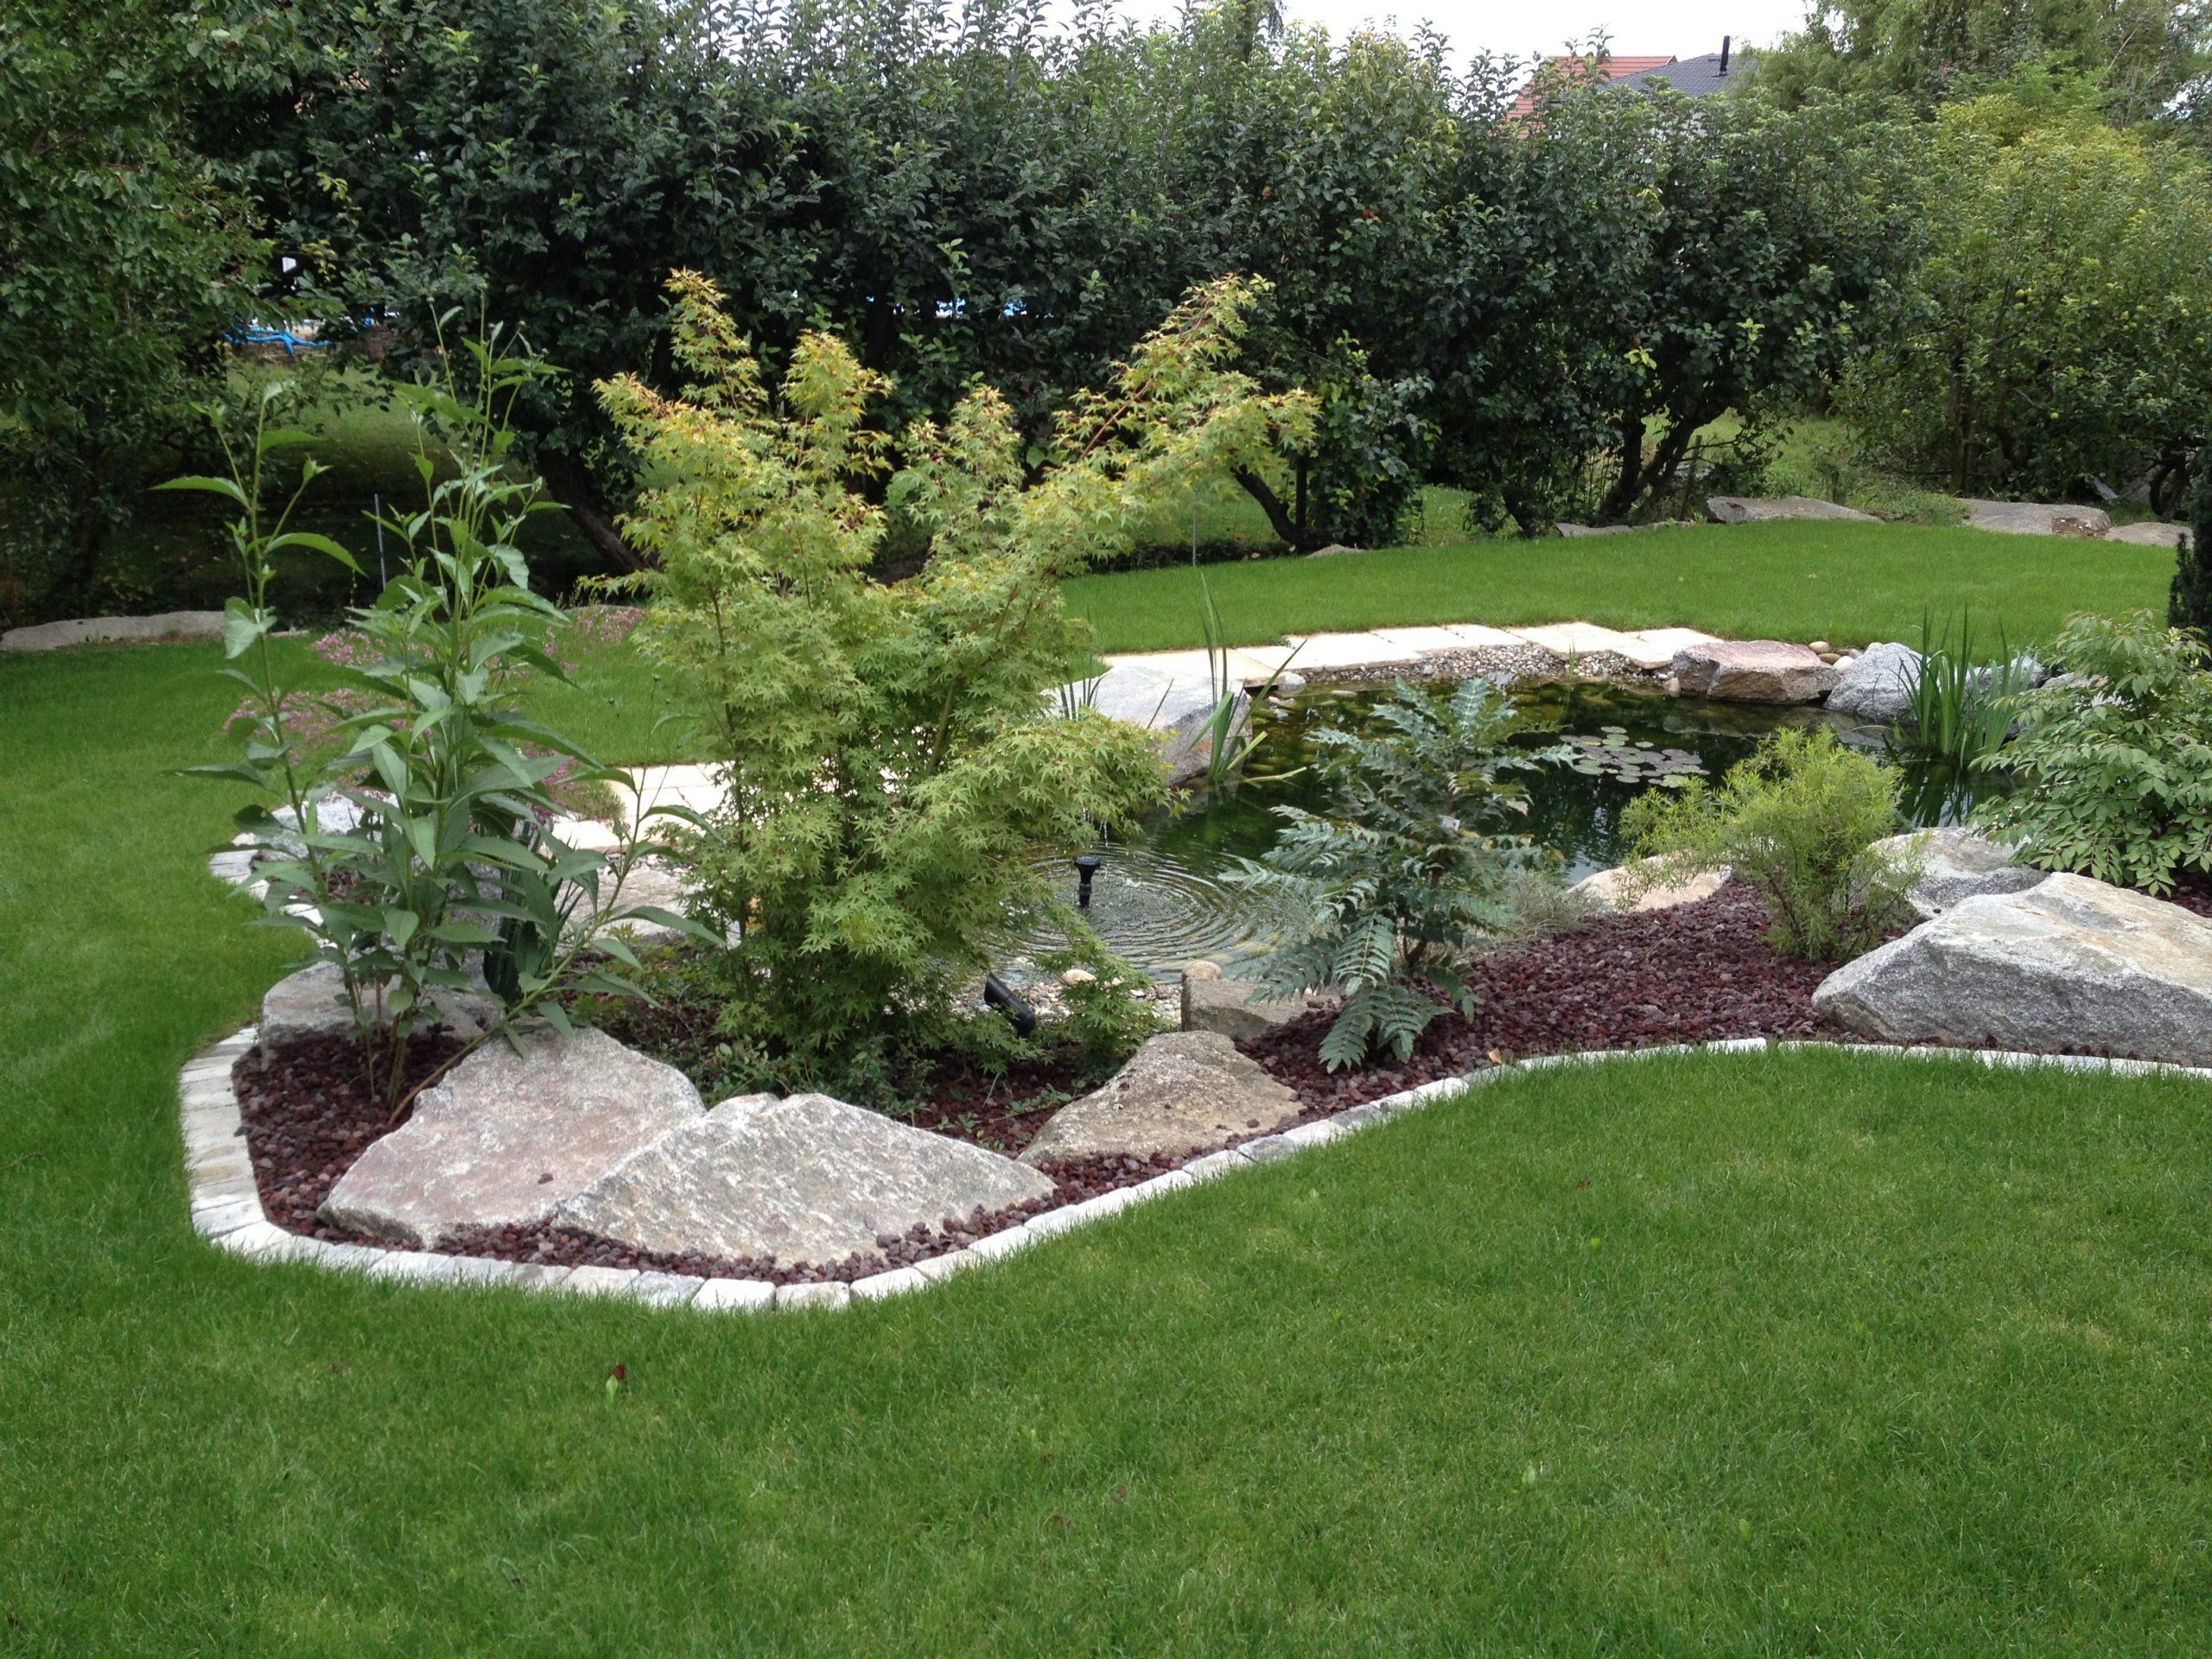 En Quoi Consiste Le Métier De Paysagiste ? › Paysages Herrisé dedans 3D Jardin & Paysagisme